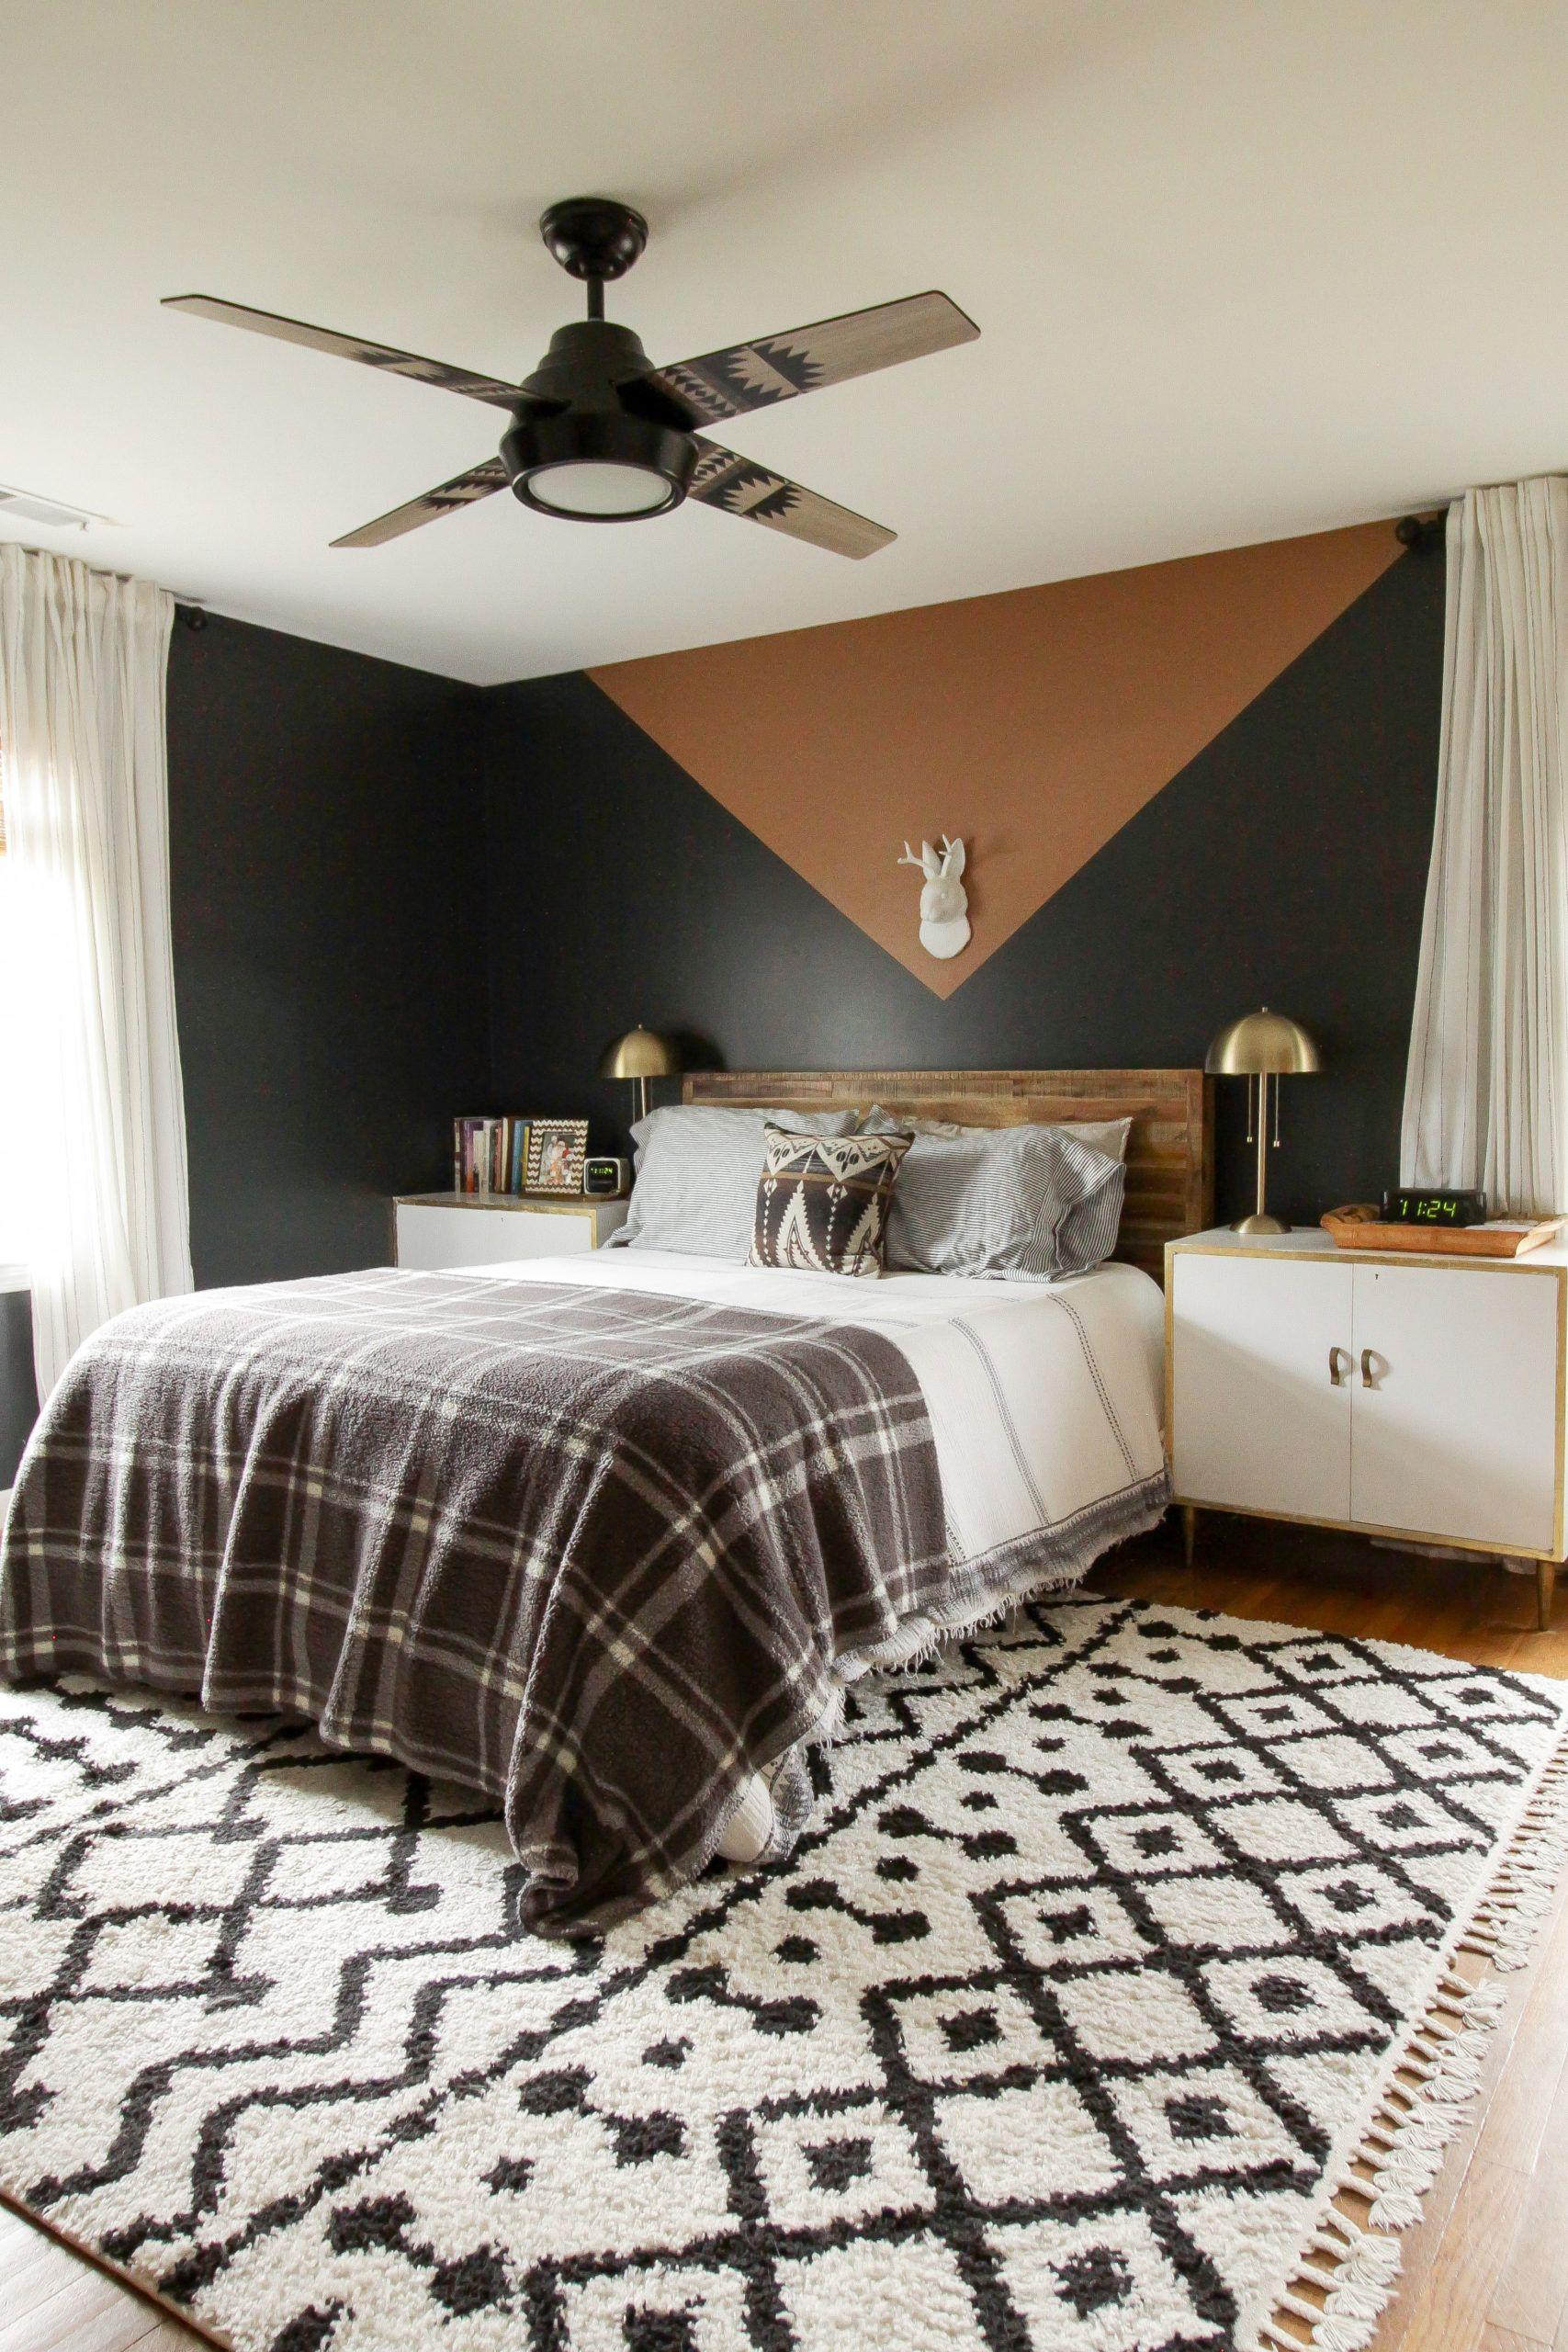 Modern Boho Ceiling Fan In Our Master Bedroom In 2020 Modern